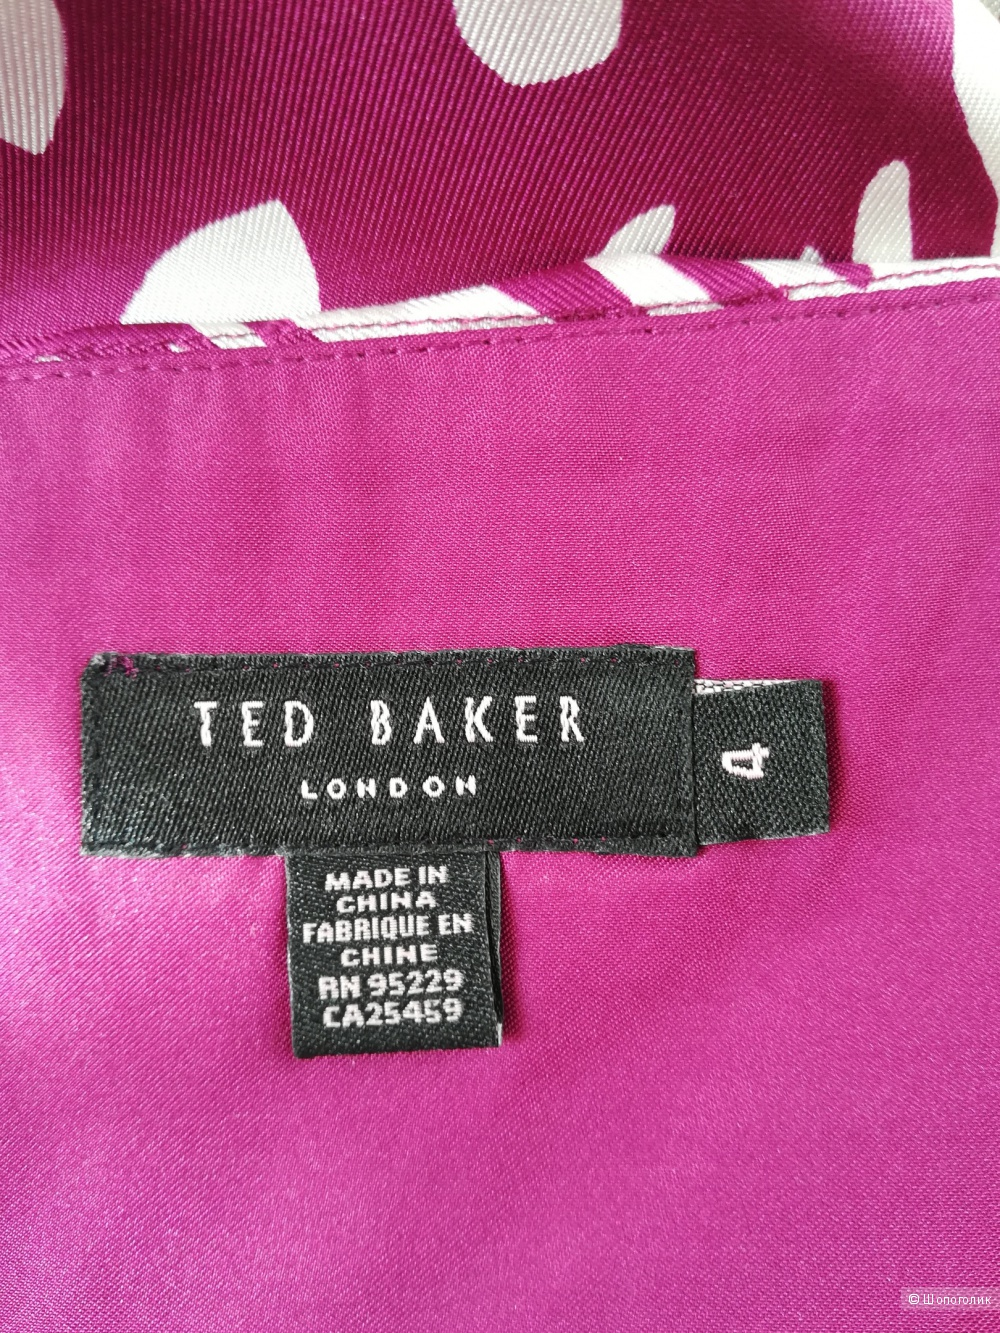 Платье Ted baker,  размер  M/L